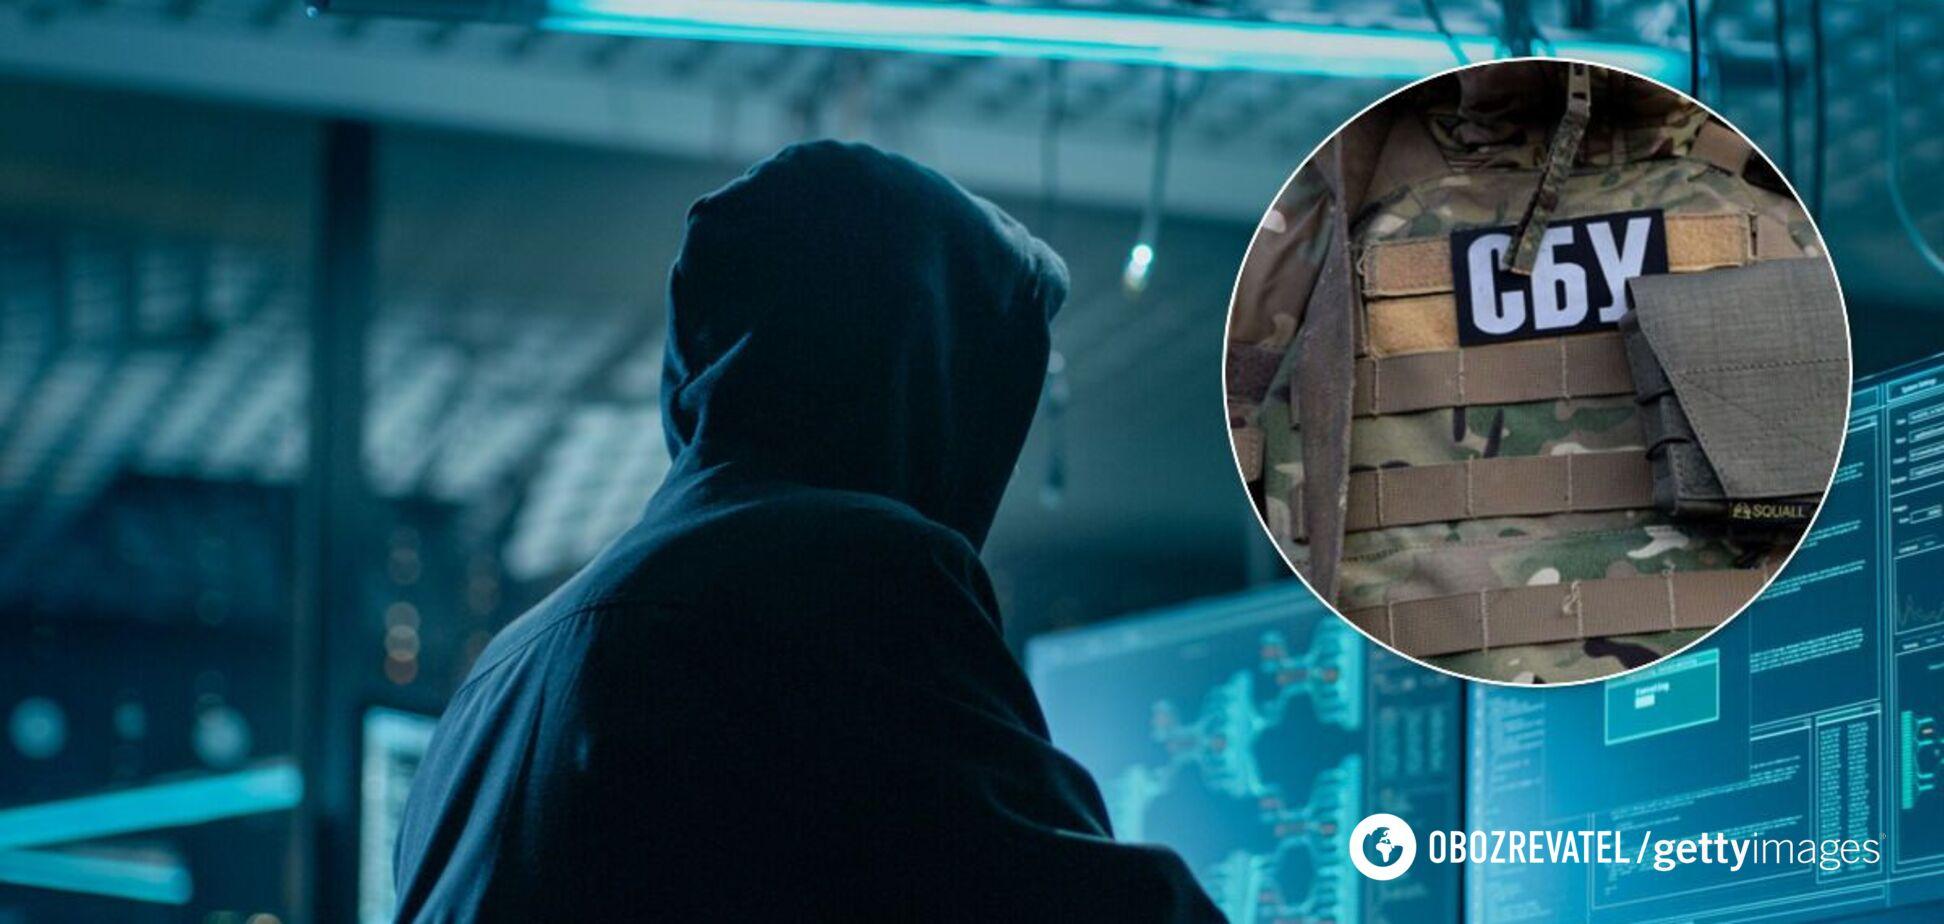 СБУ разоблачила интернет-агитаторов на призывах к захвату власти